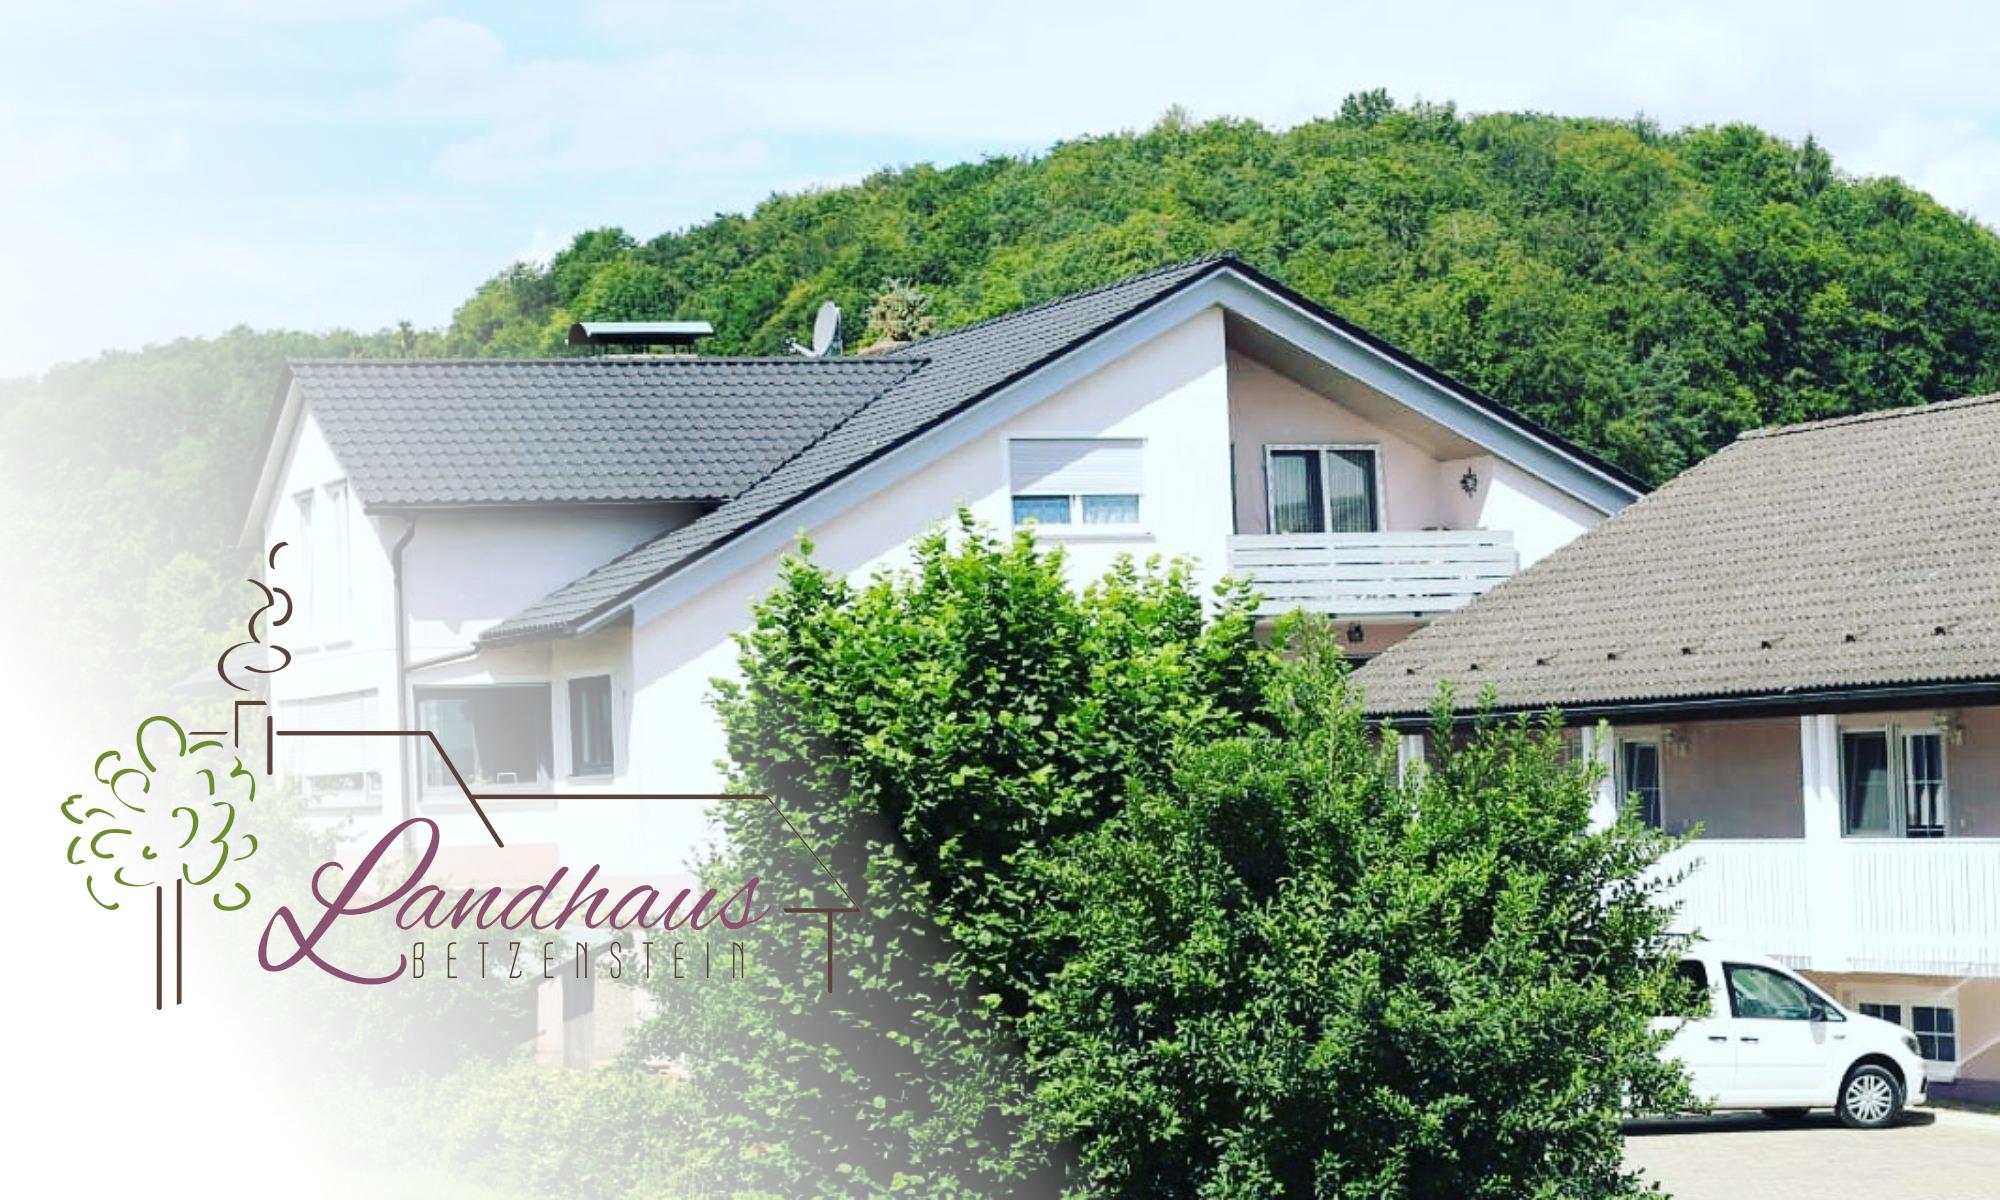 Landhaus Betzenstein